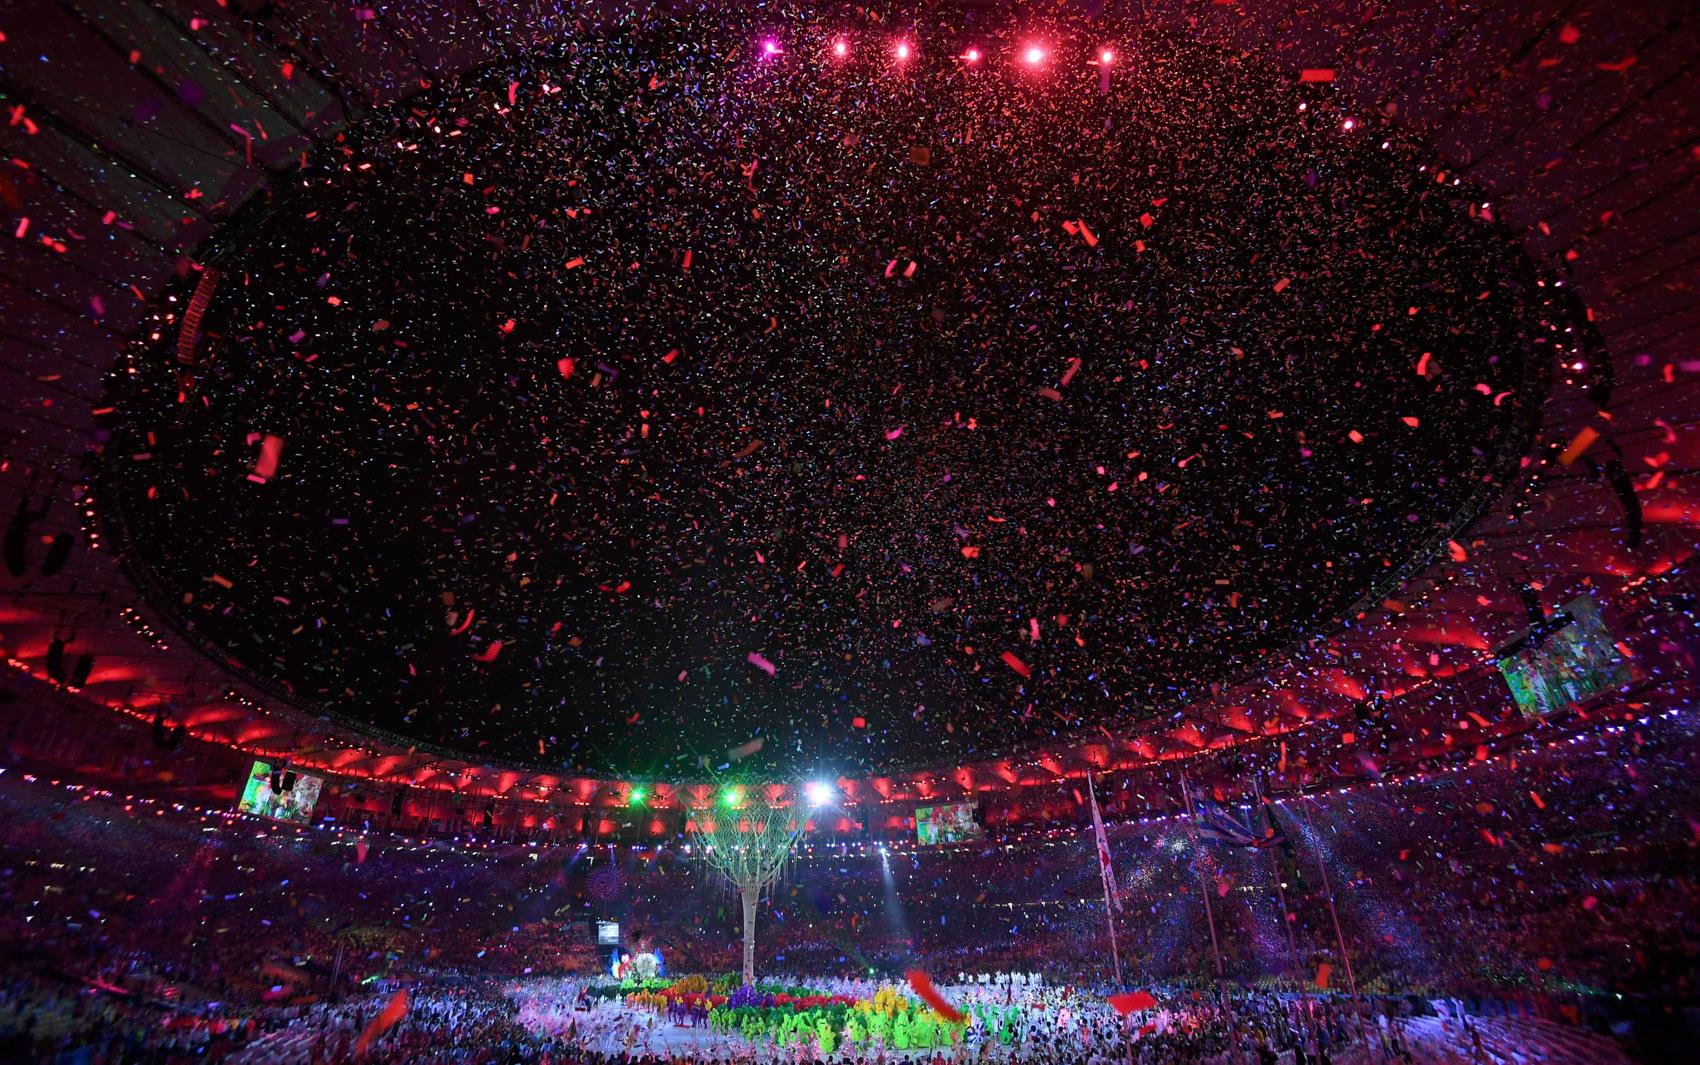 21/08 - Cerimônia de encerramento dos Jogos Olímpicos Rio 2016 no estádio do Maracanã